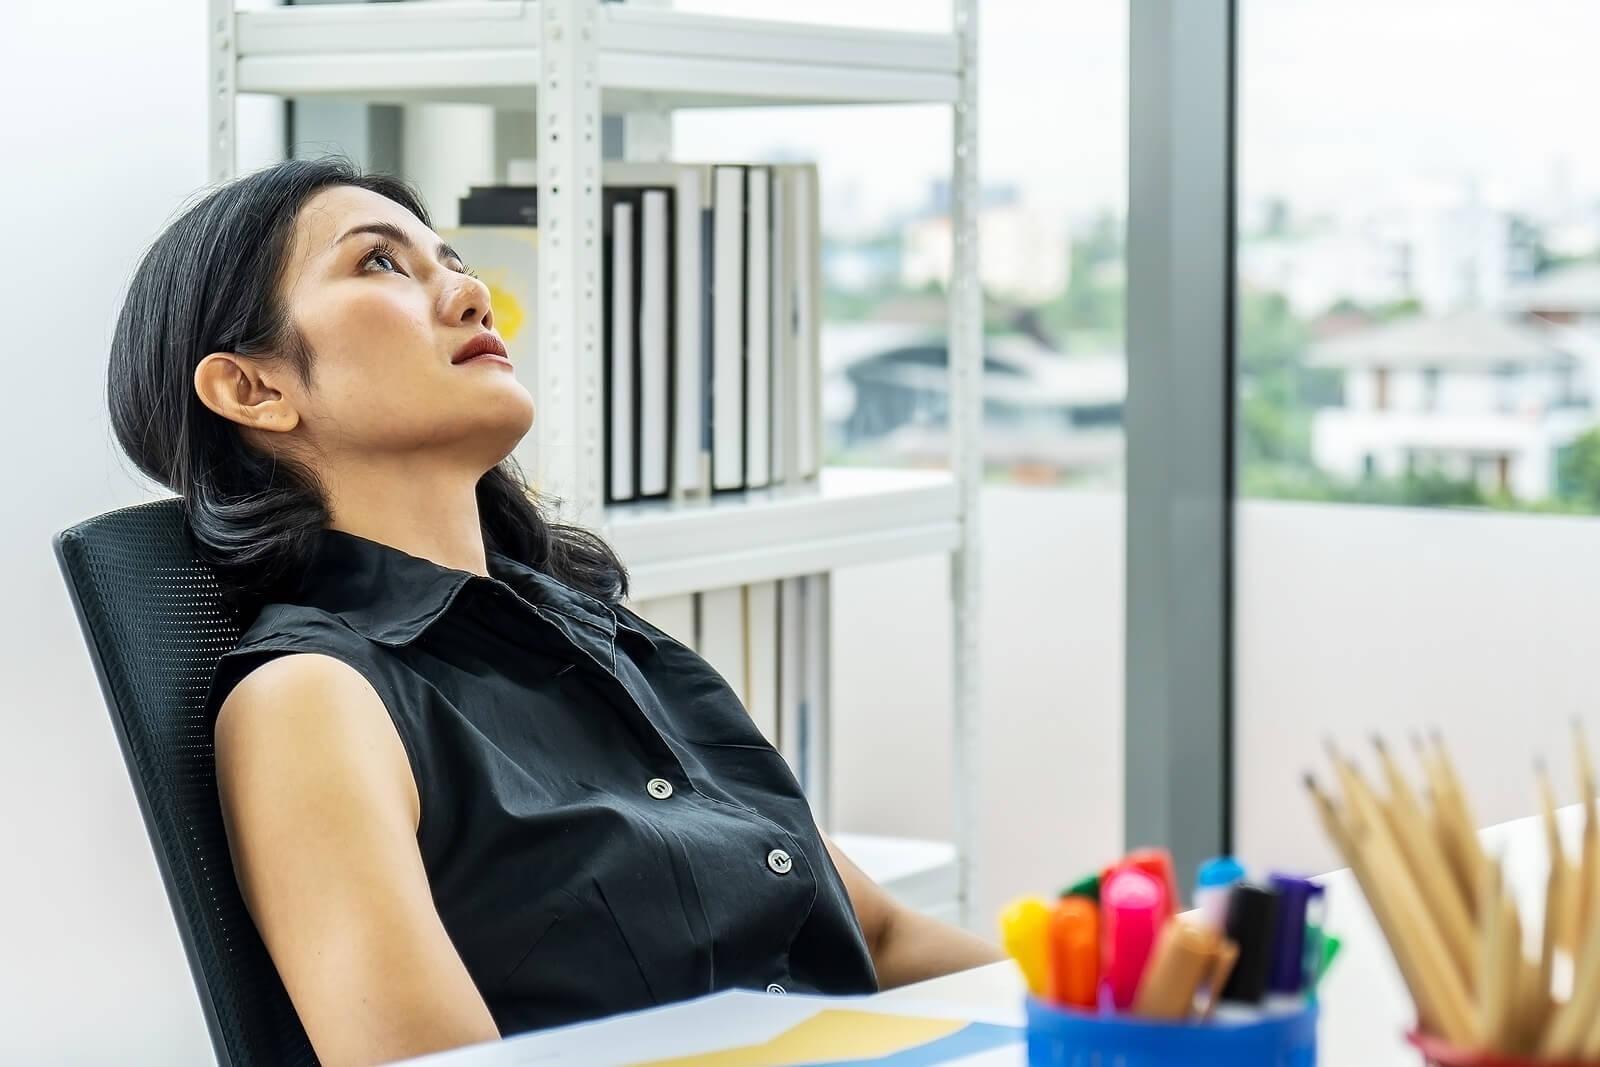 Mujer con insatisfacción laboral.